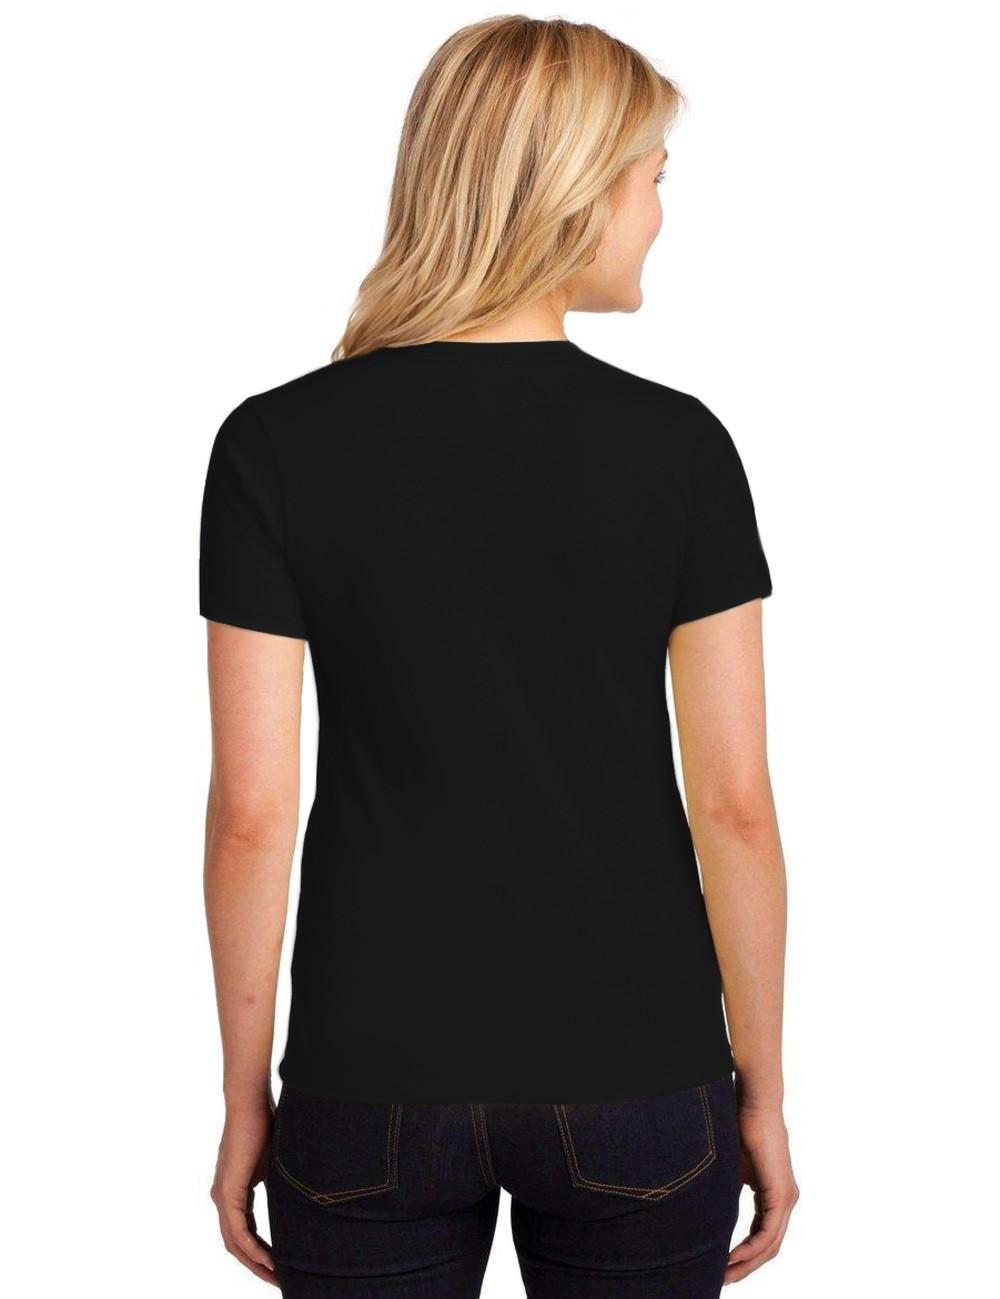 Camiseta Feminina T-Shirt Universitária Faculdade Administração